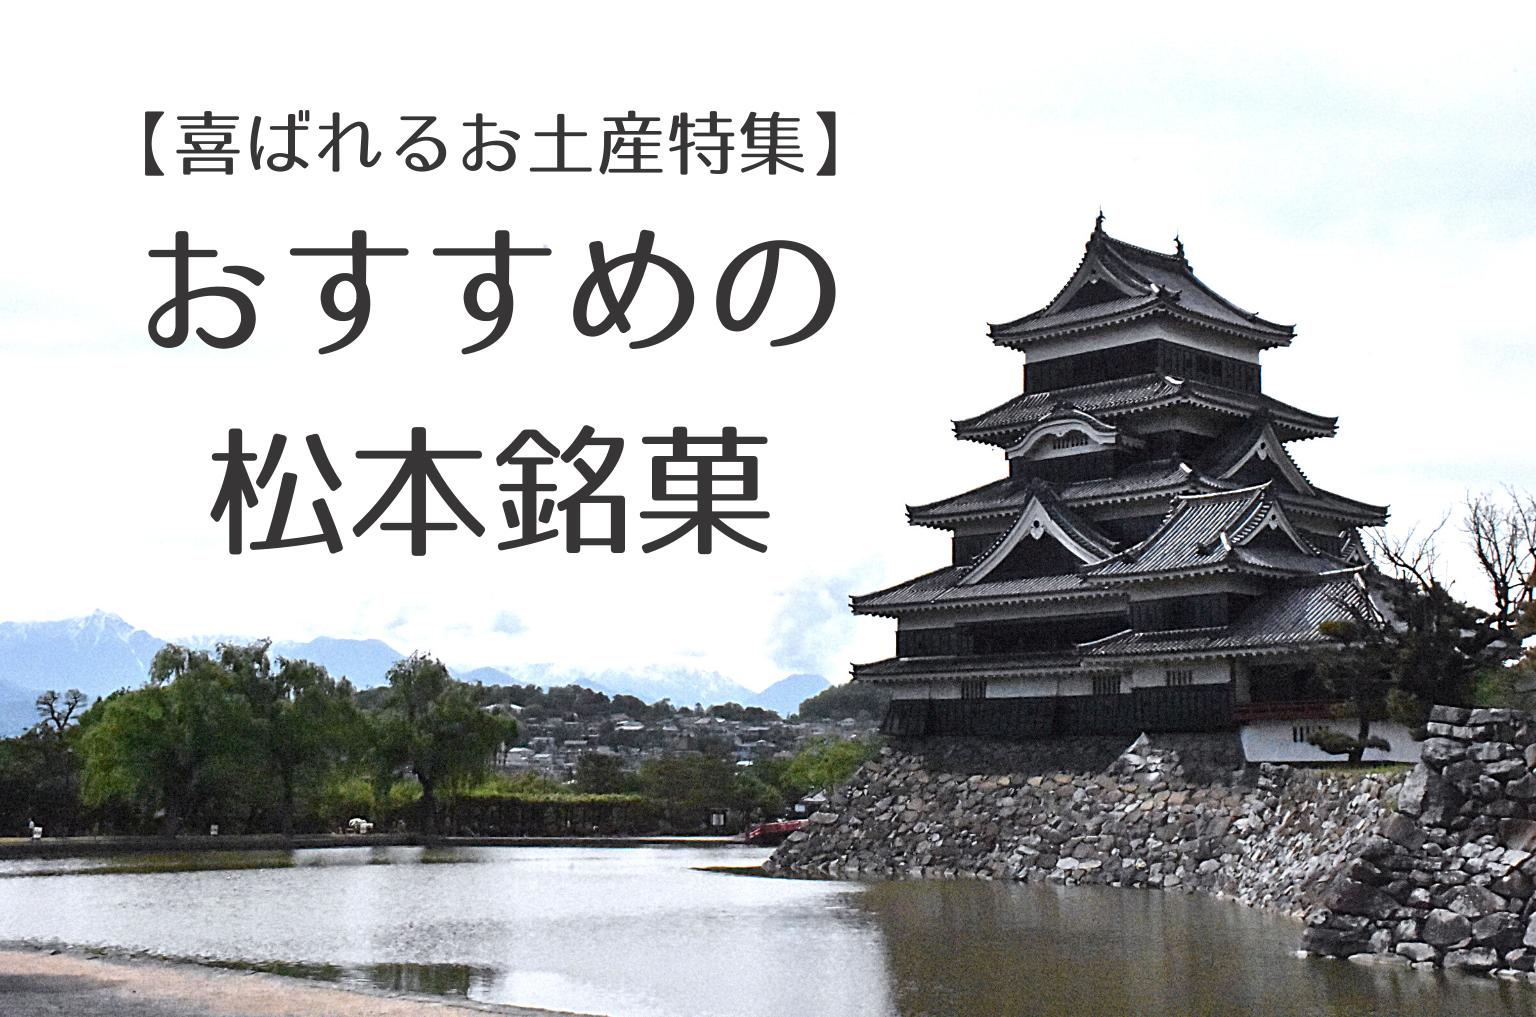 【絶対に喜ばれる】ハズレなしの松本土産!おすすめの銘菓6選